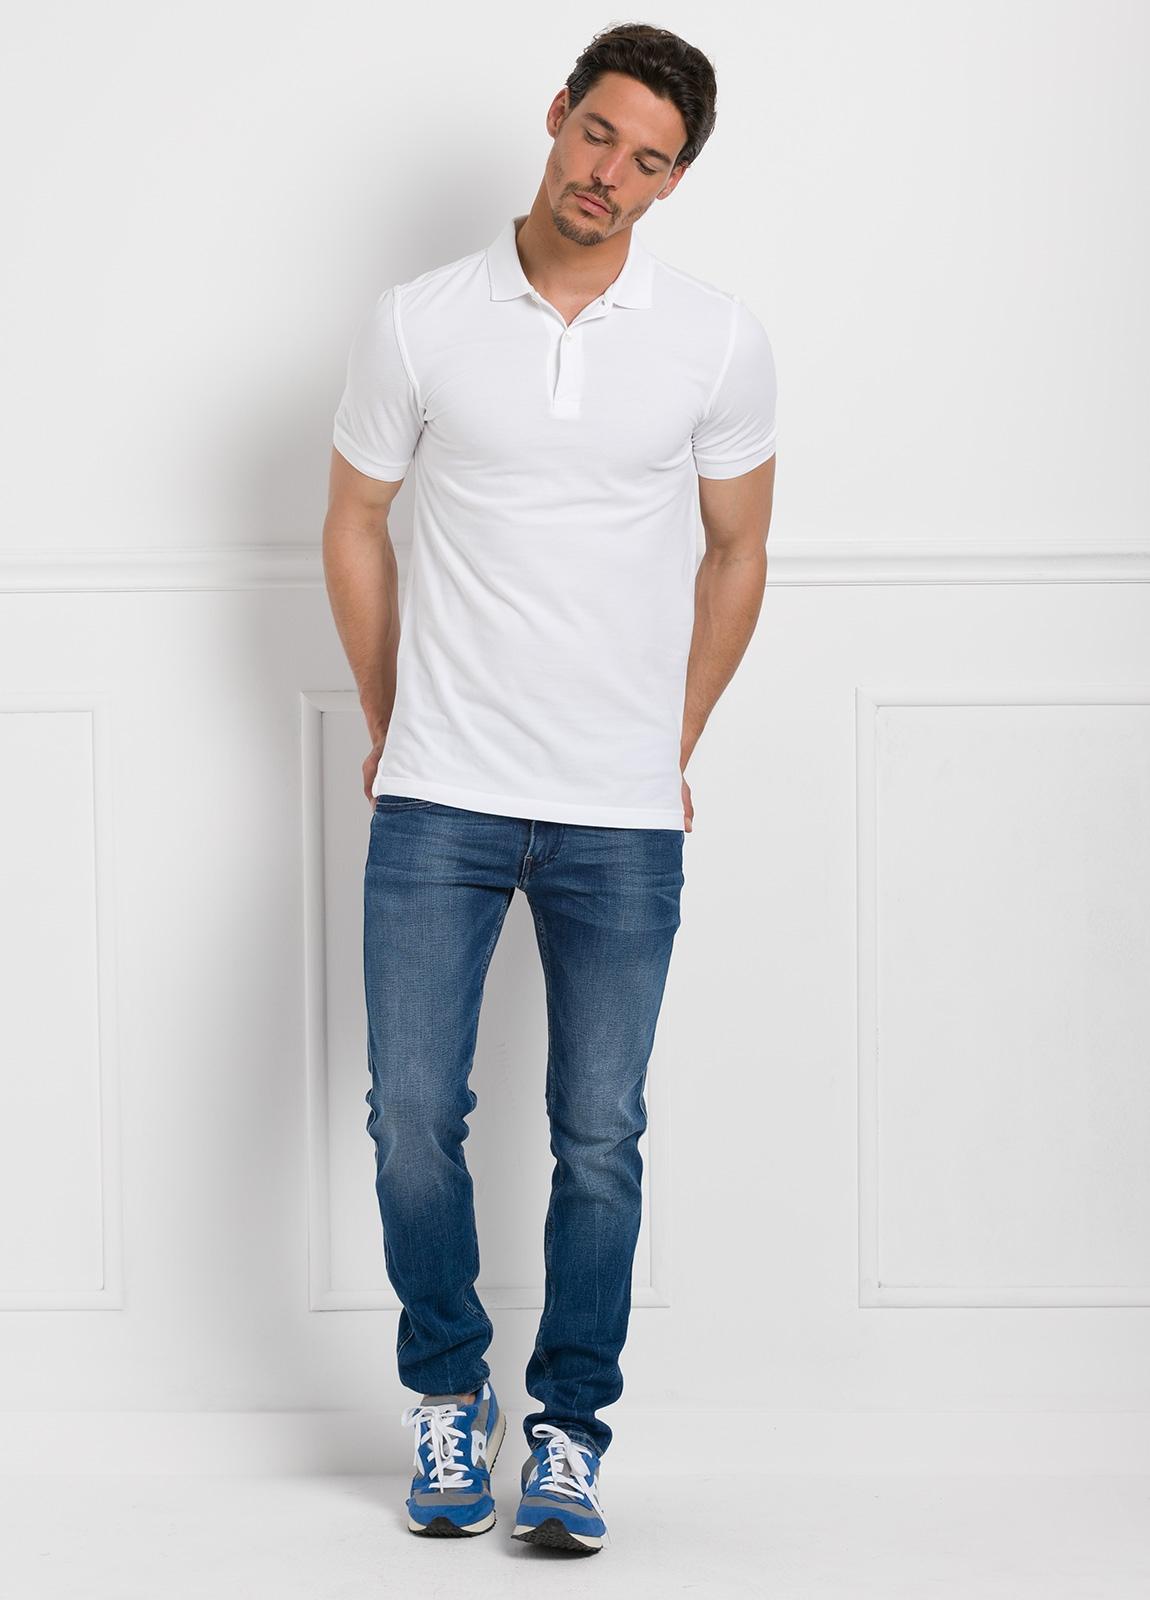 Polo liso manga corta, color blanco. 100% Algodón Piqué. - Ítem1